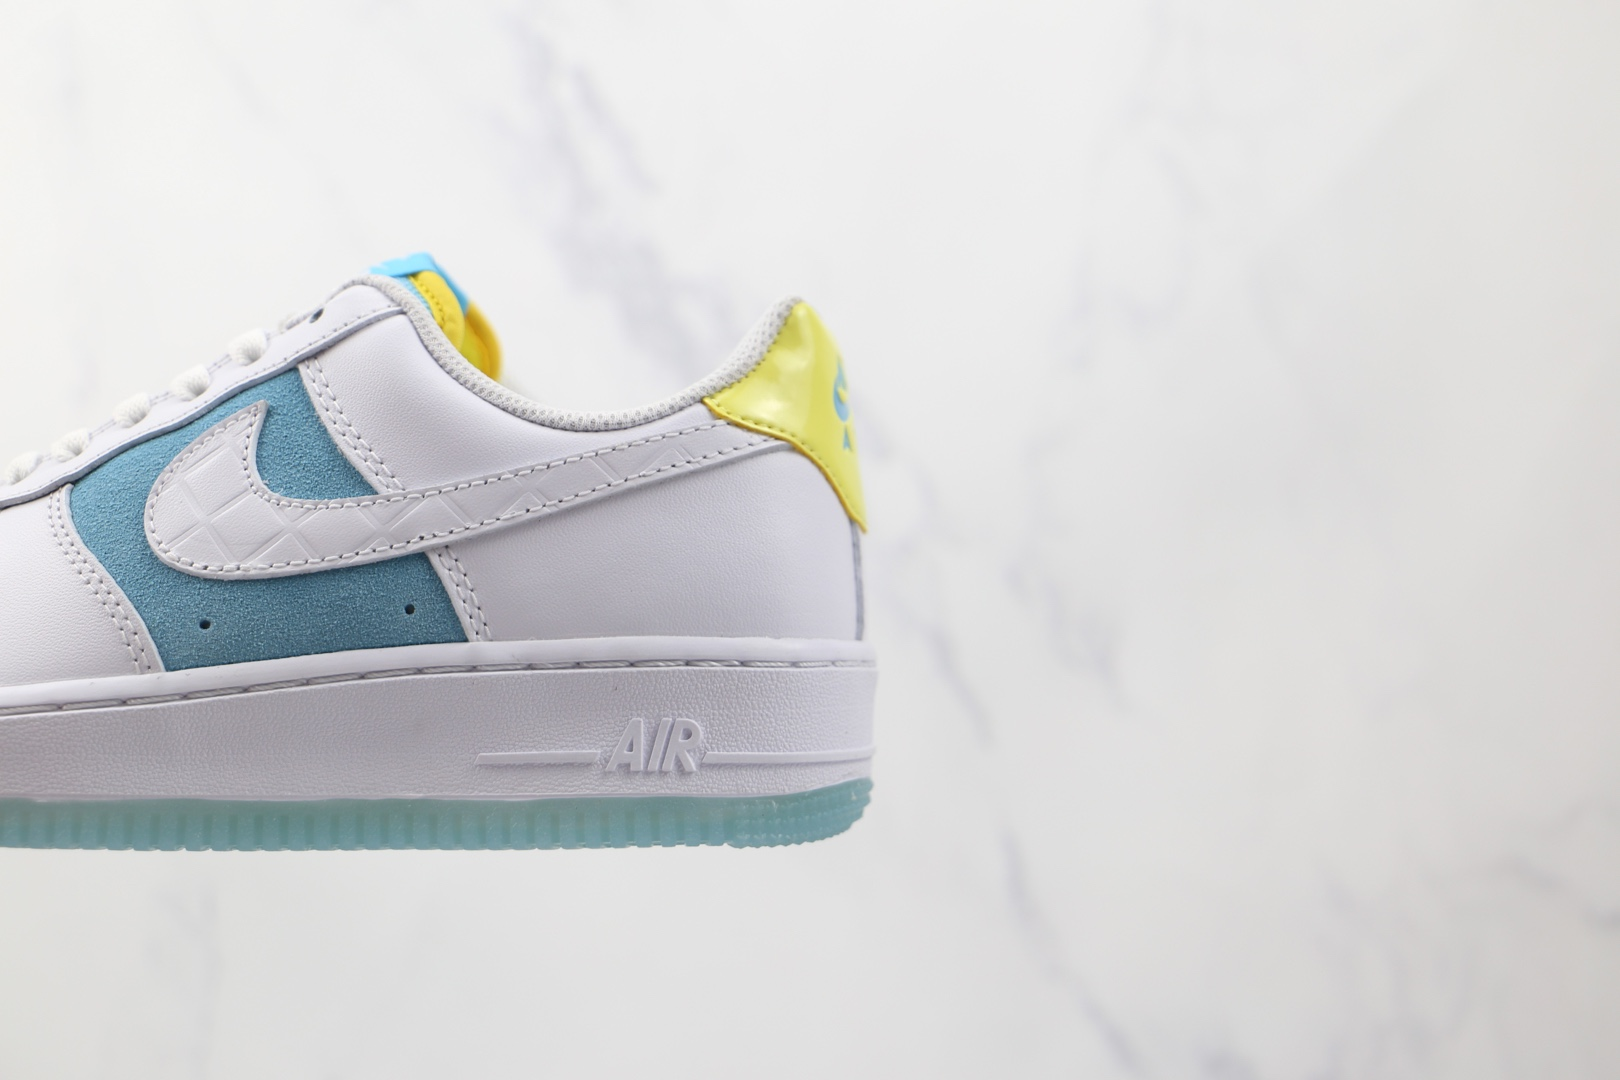 耐克Nike Air Force 1 Low '07 LAGOON PULSE纯原版本低帮空军一号汤达人联名款白蓝色板鞋内置气垫 货号:AA7687-400